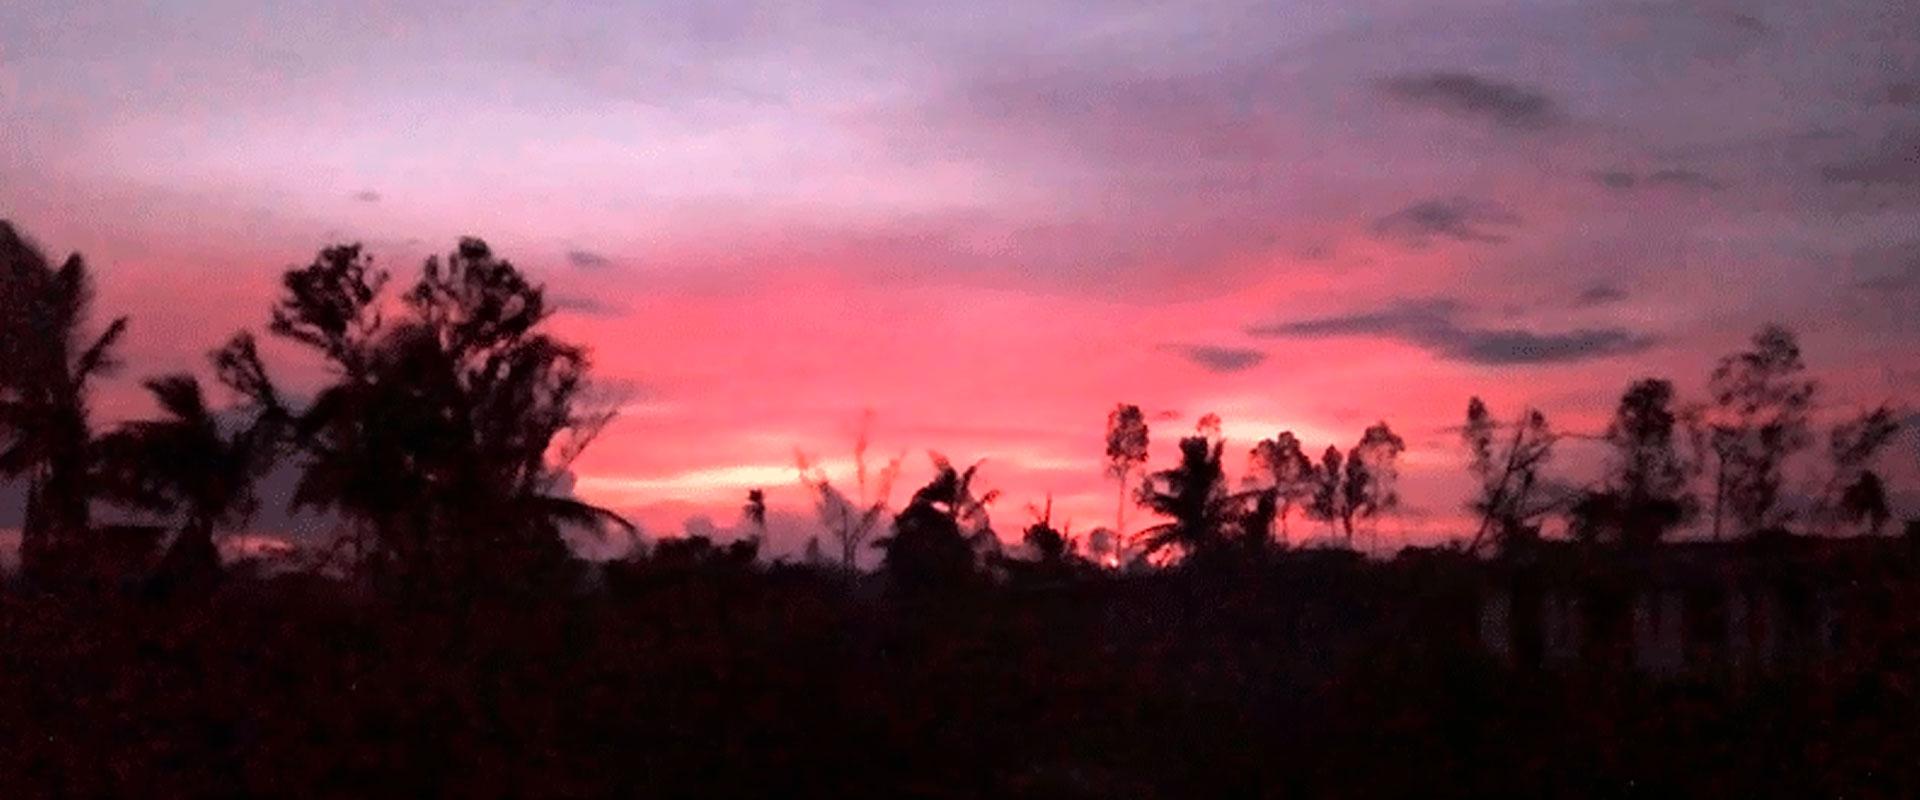 Anochecer del Viernes de Dolores en Beira